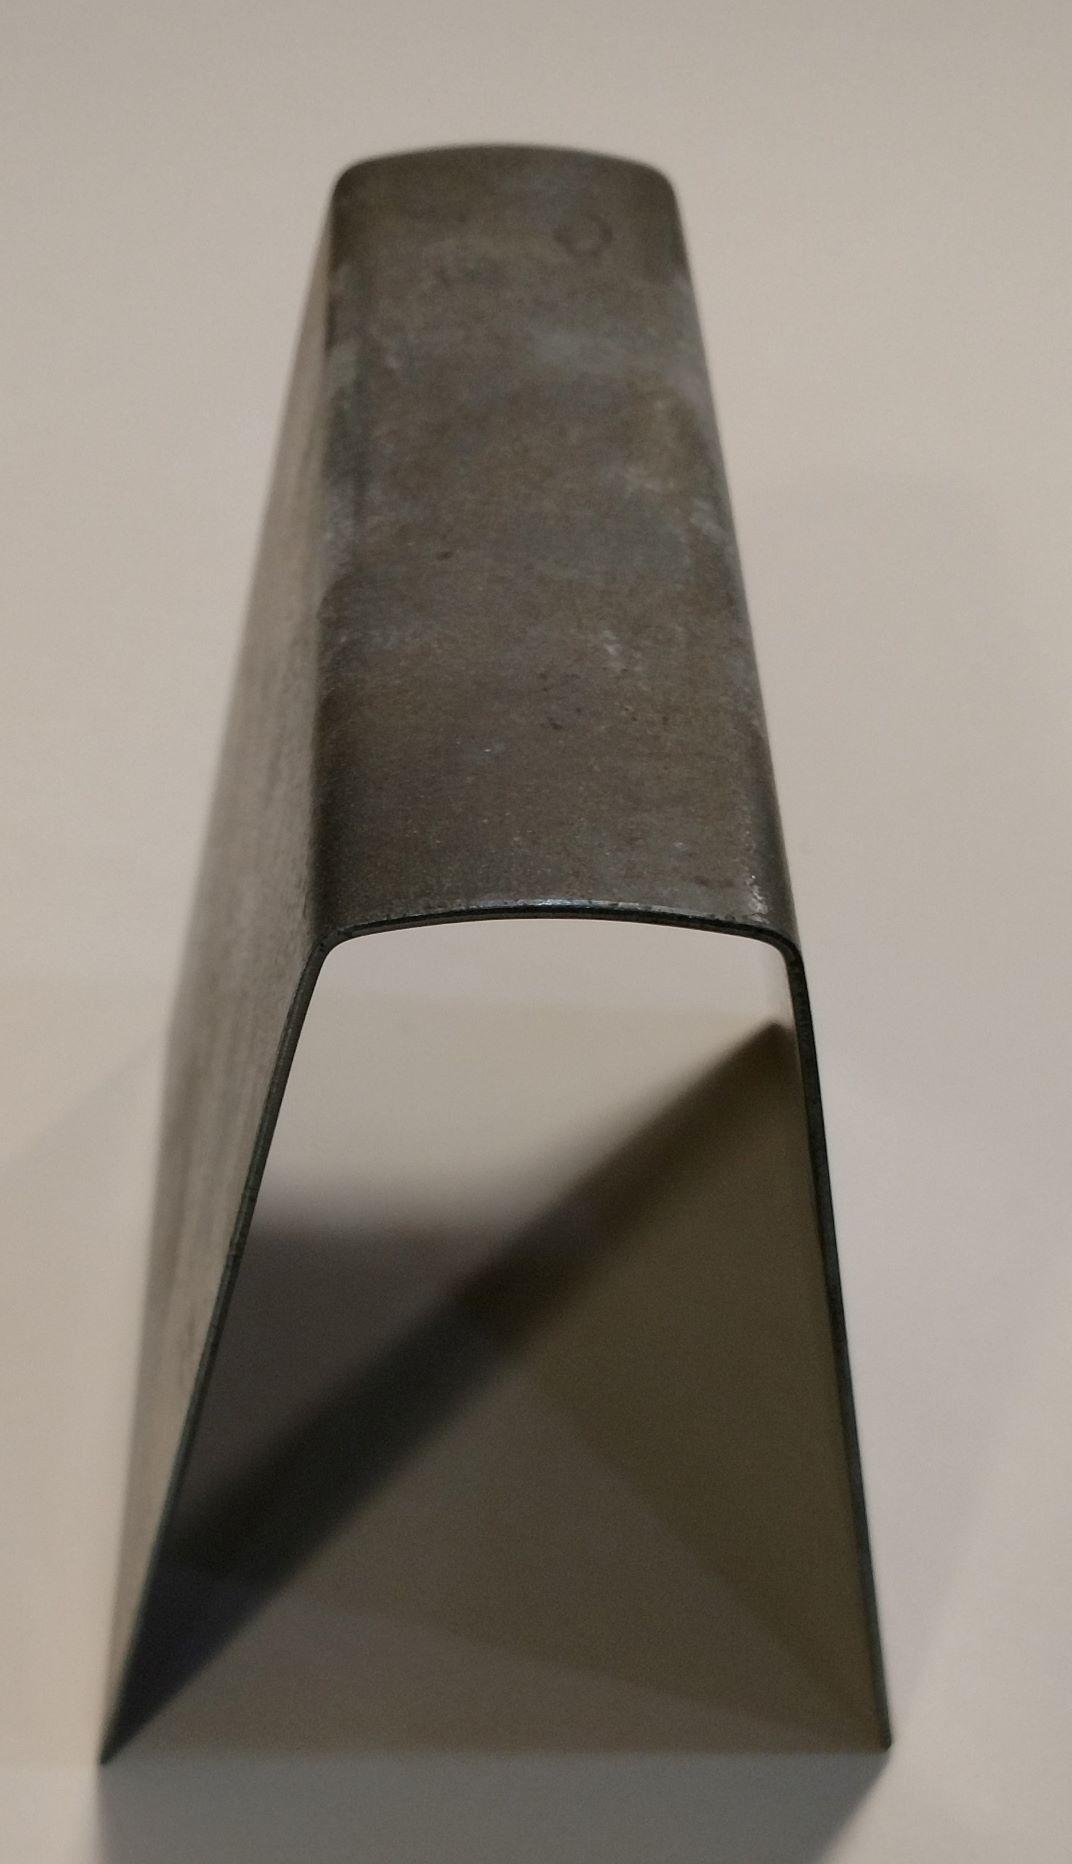 Stainless Steel Card Holder Drape